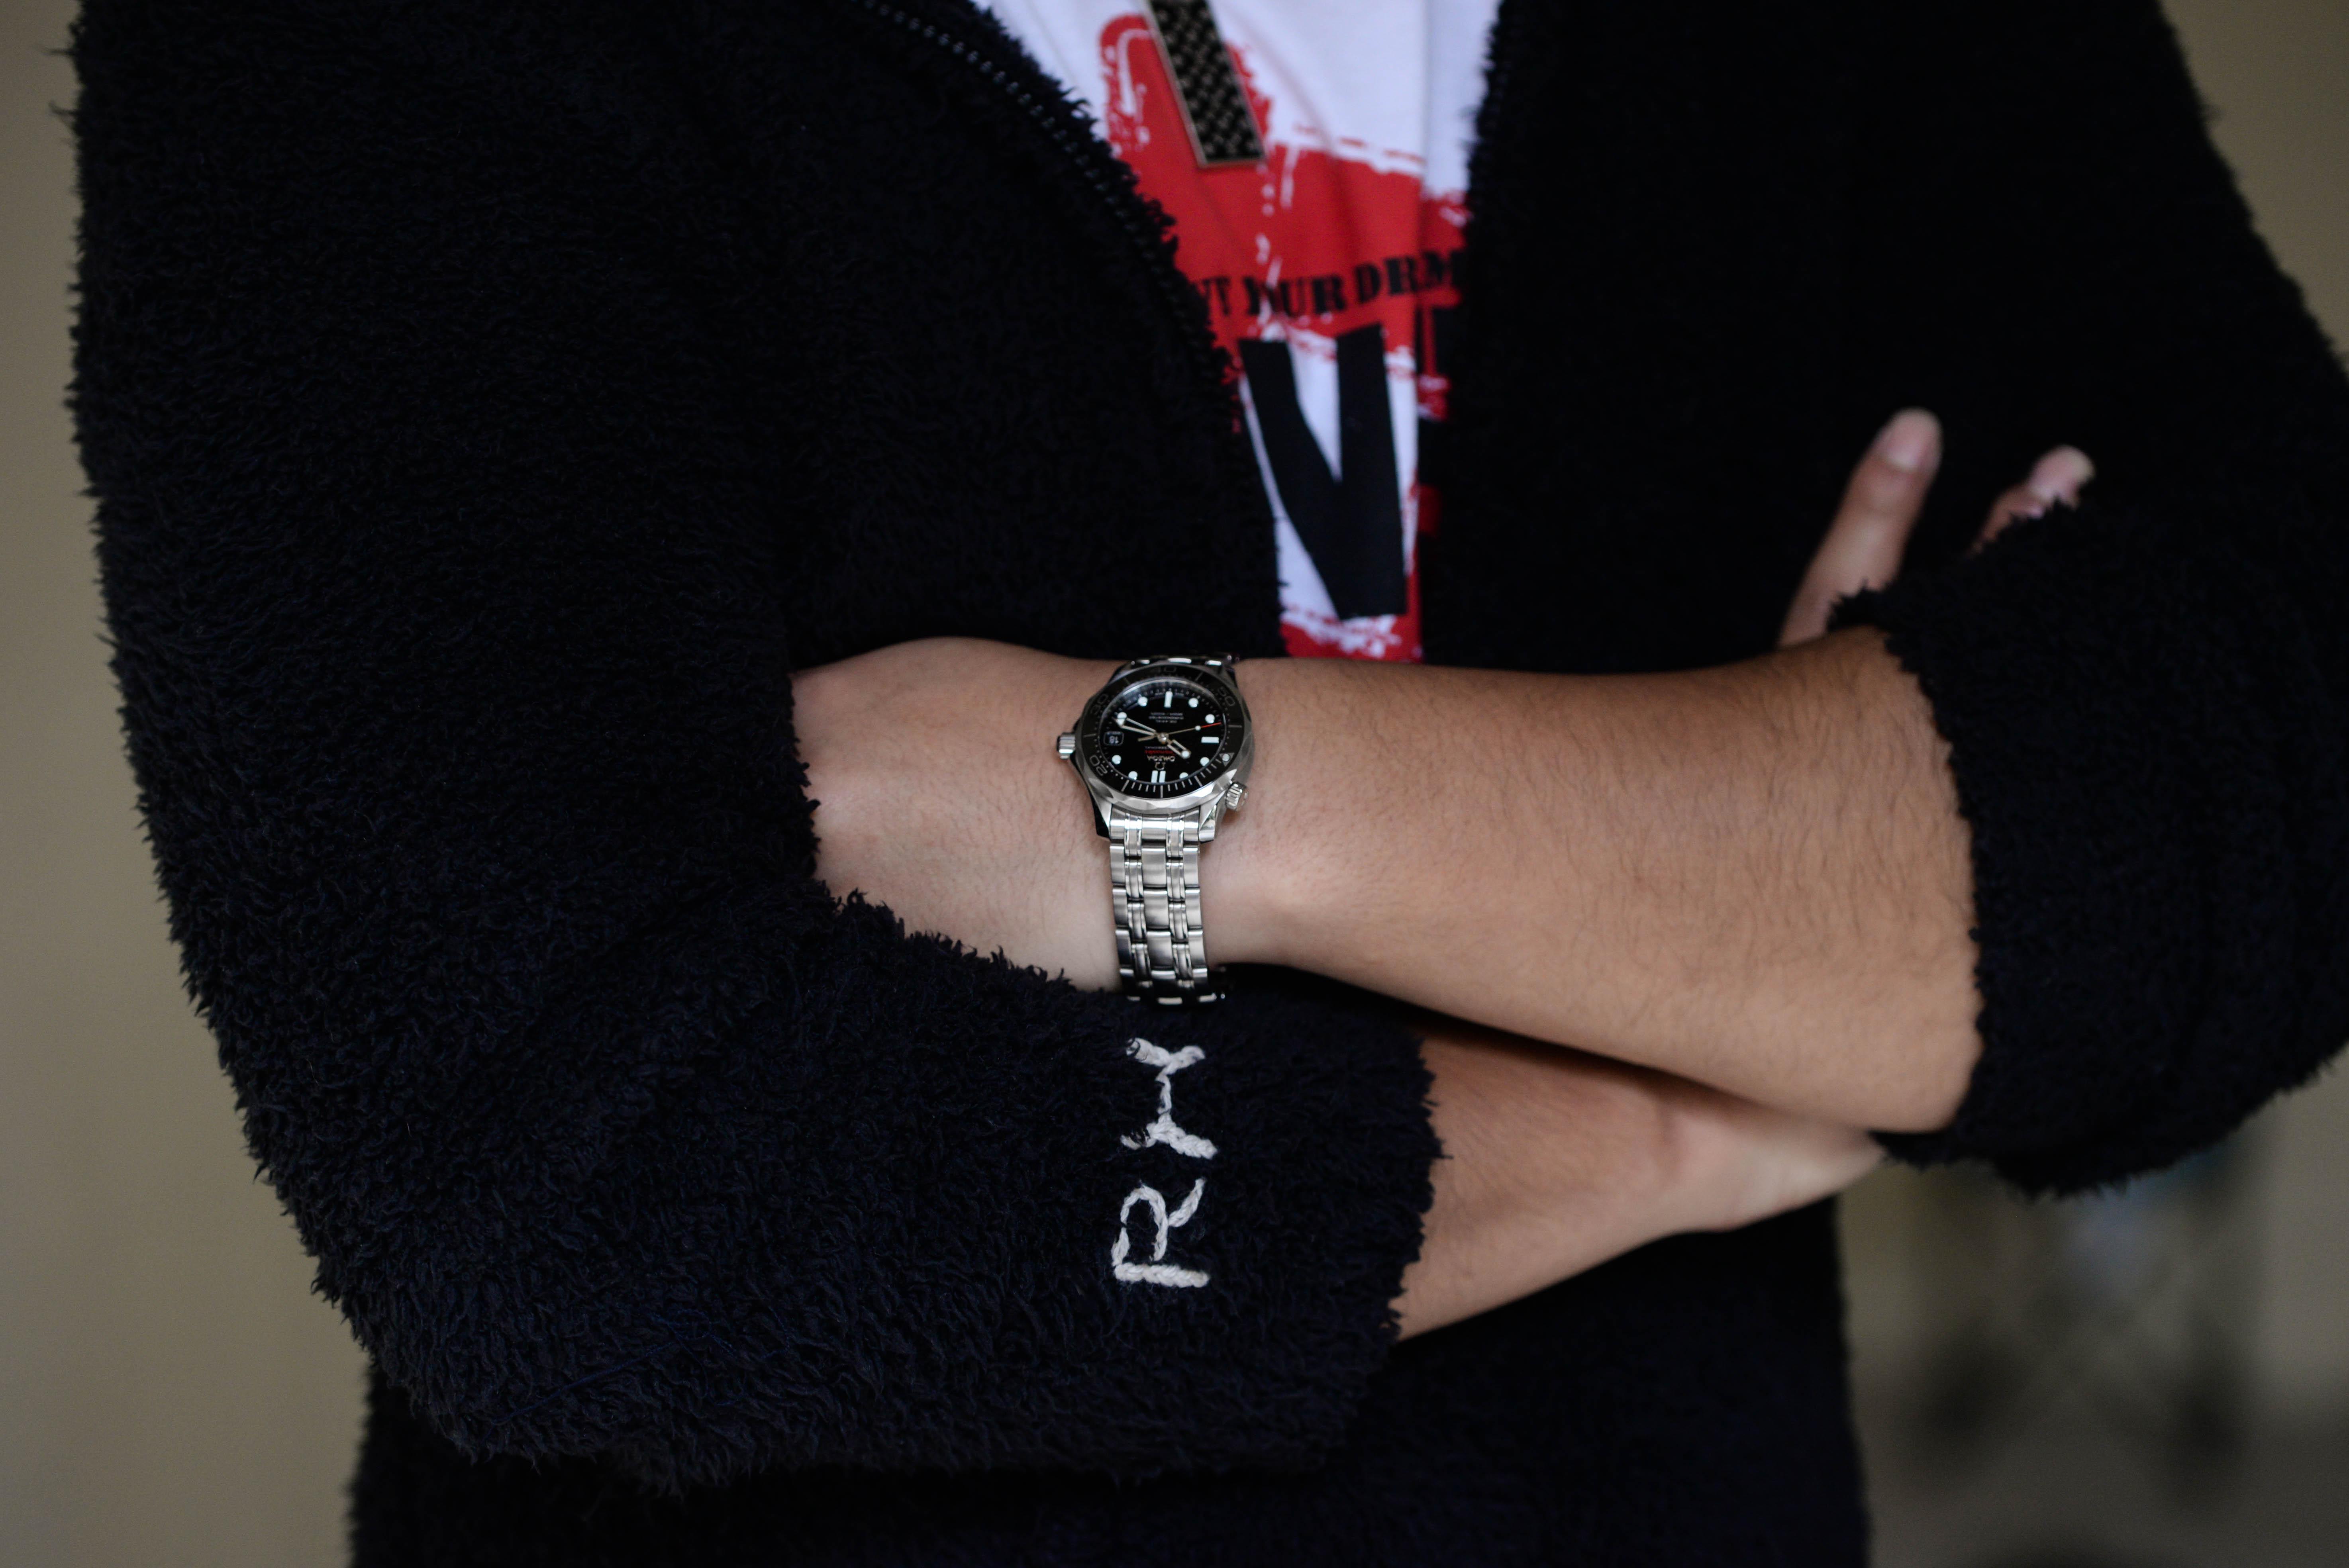 Sさんの腕時計はオメガ シーマスター 300 コーアクシャル